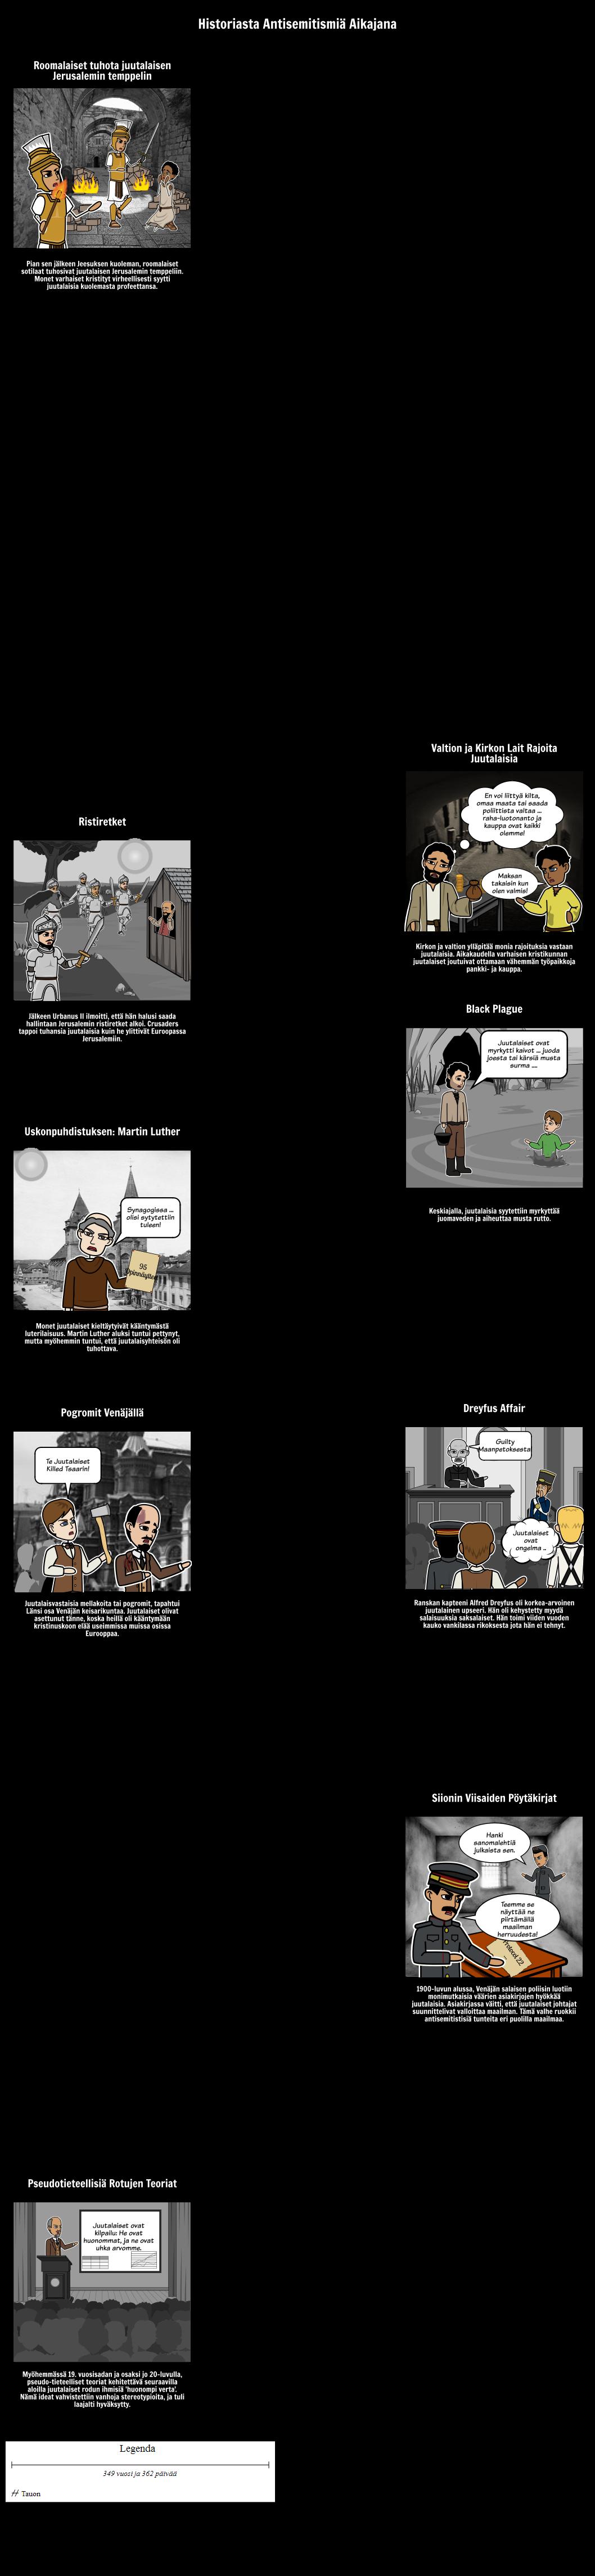 Historia Holokaustin - Historia Antisemitismiä